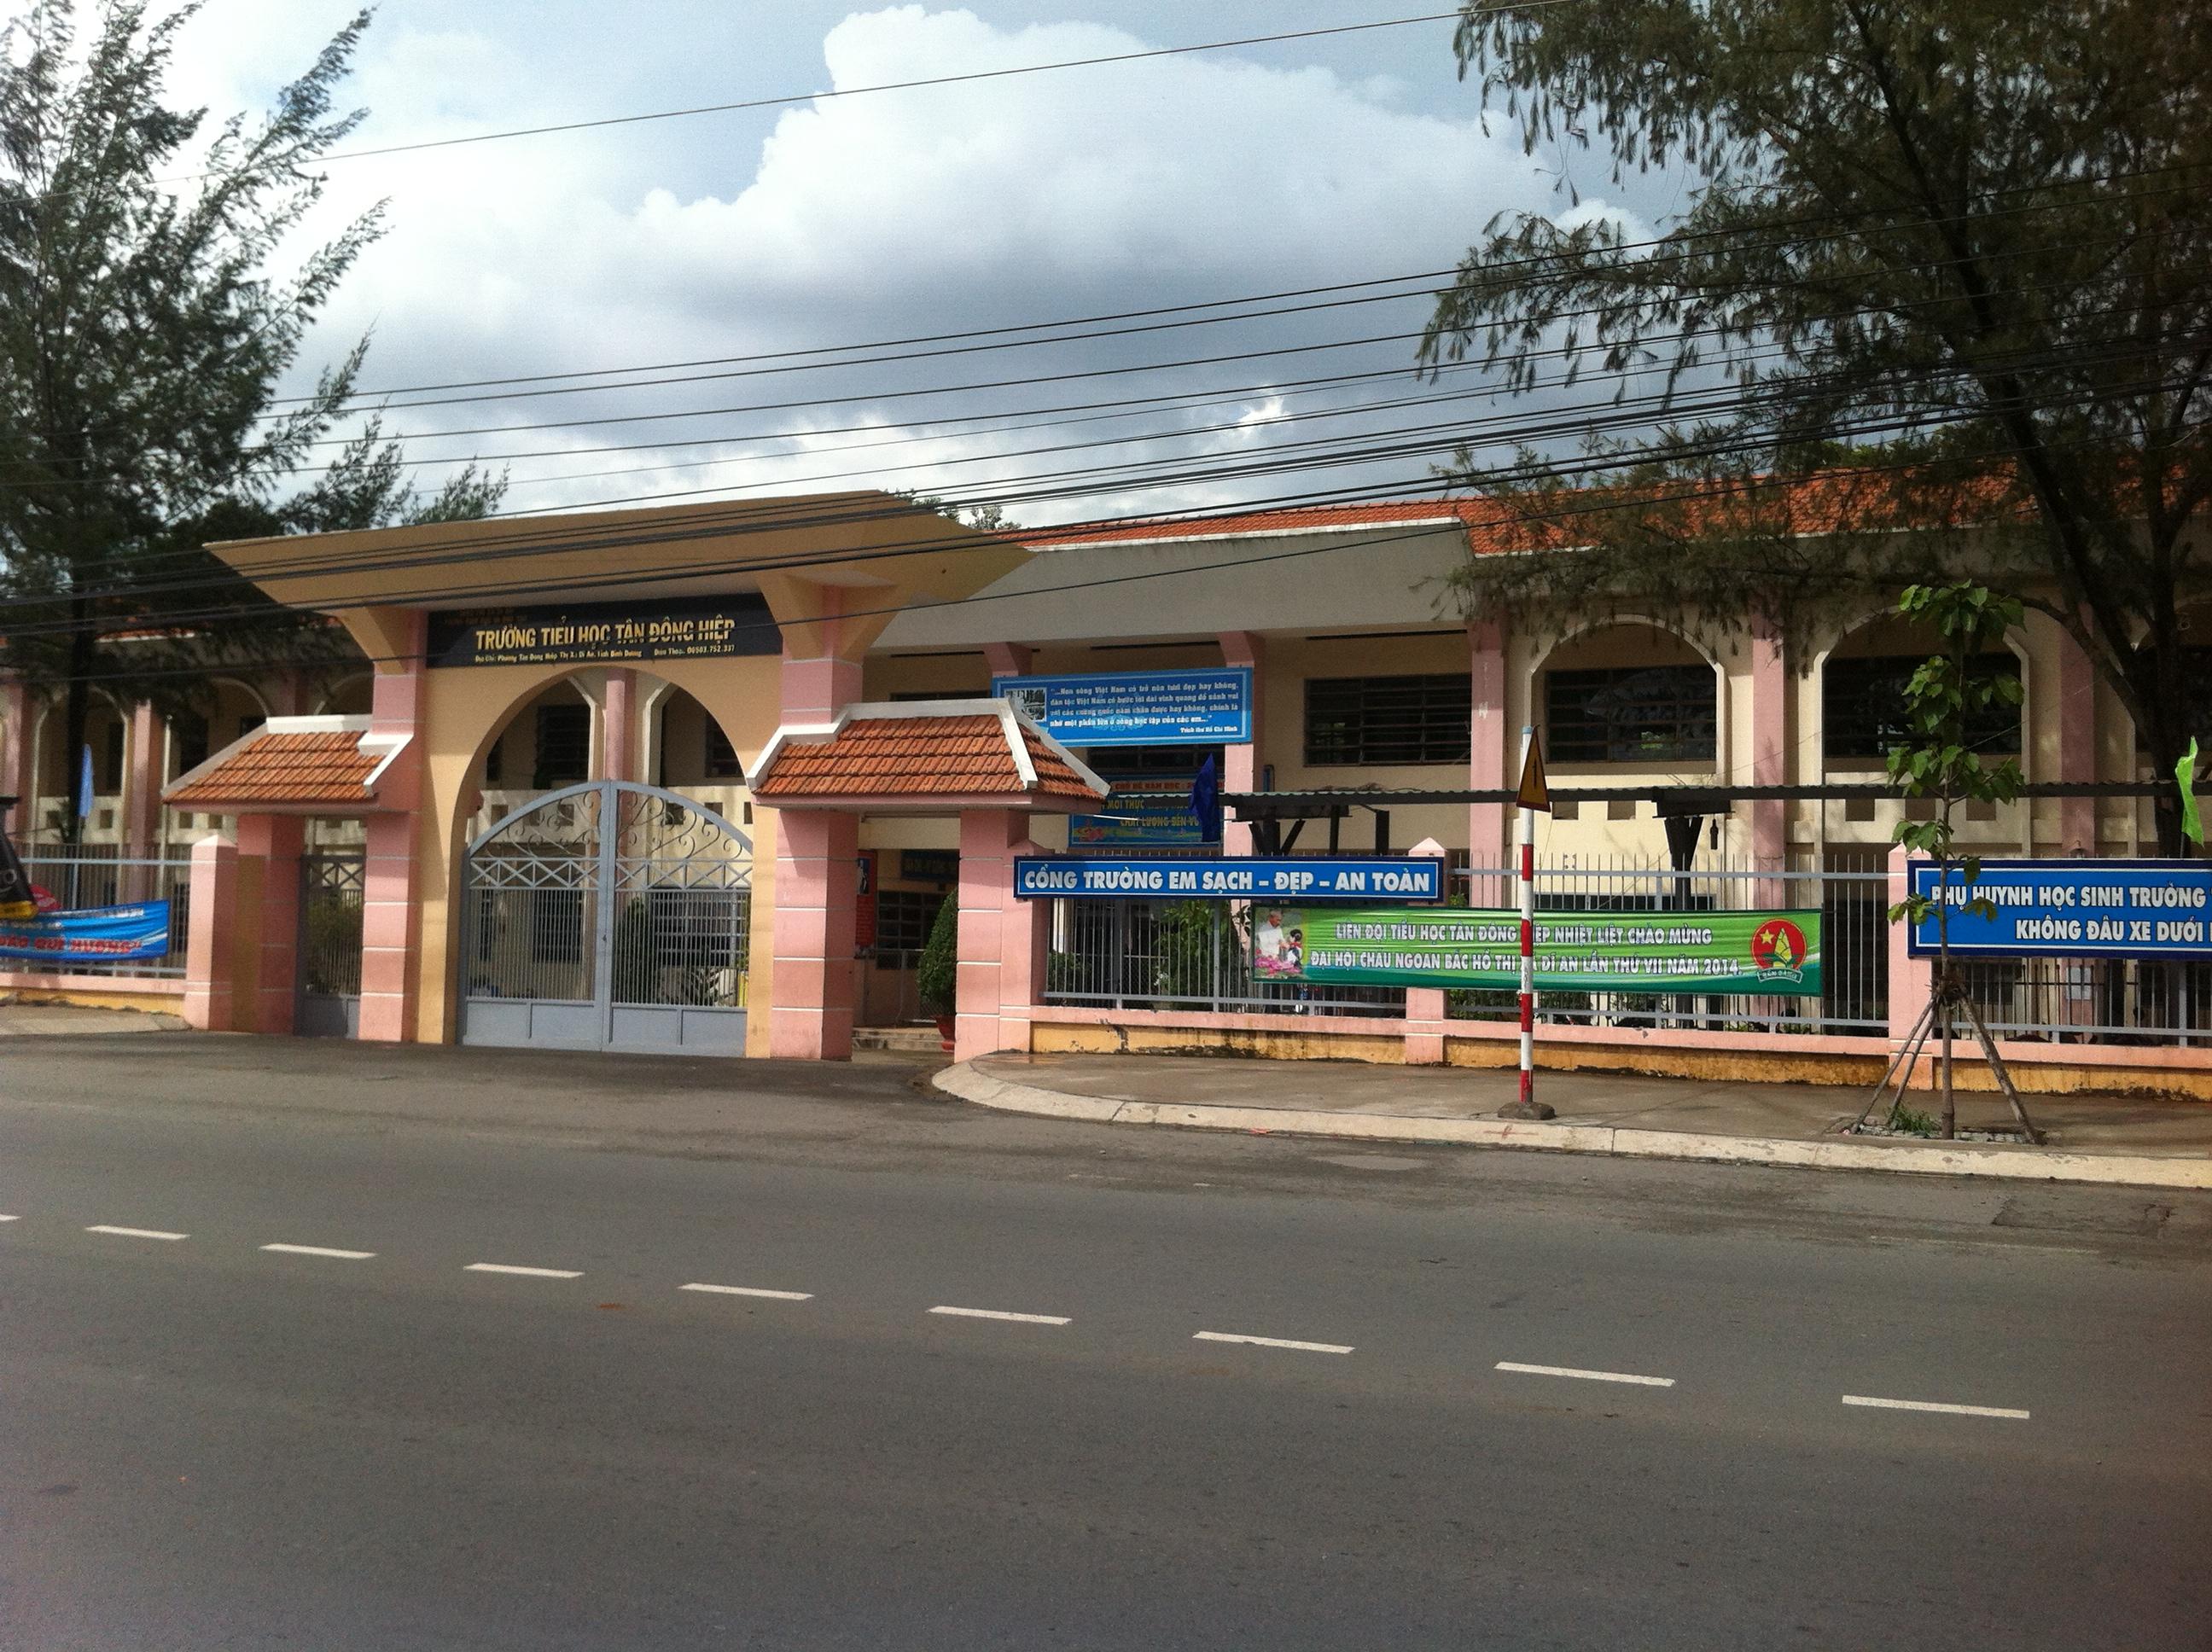 nhà 2 mặt tiền mới xây đang cần bán ở dĩ an, gần trường học tân đồng hiệp dĩ an